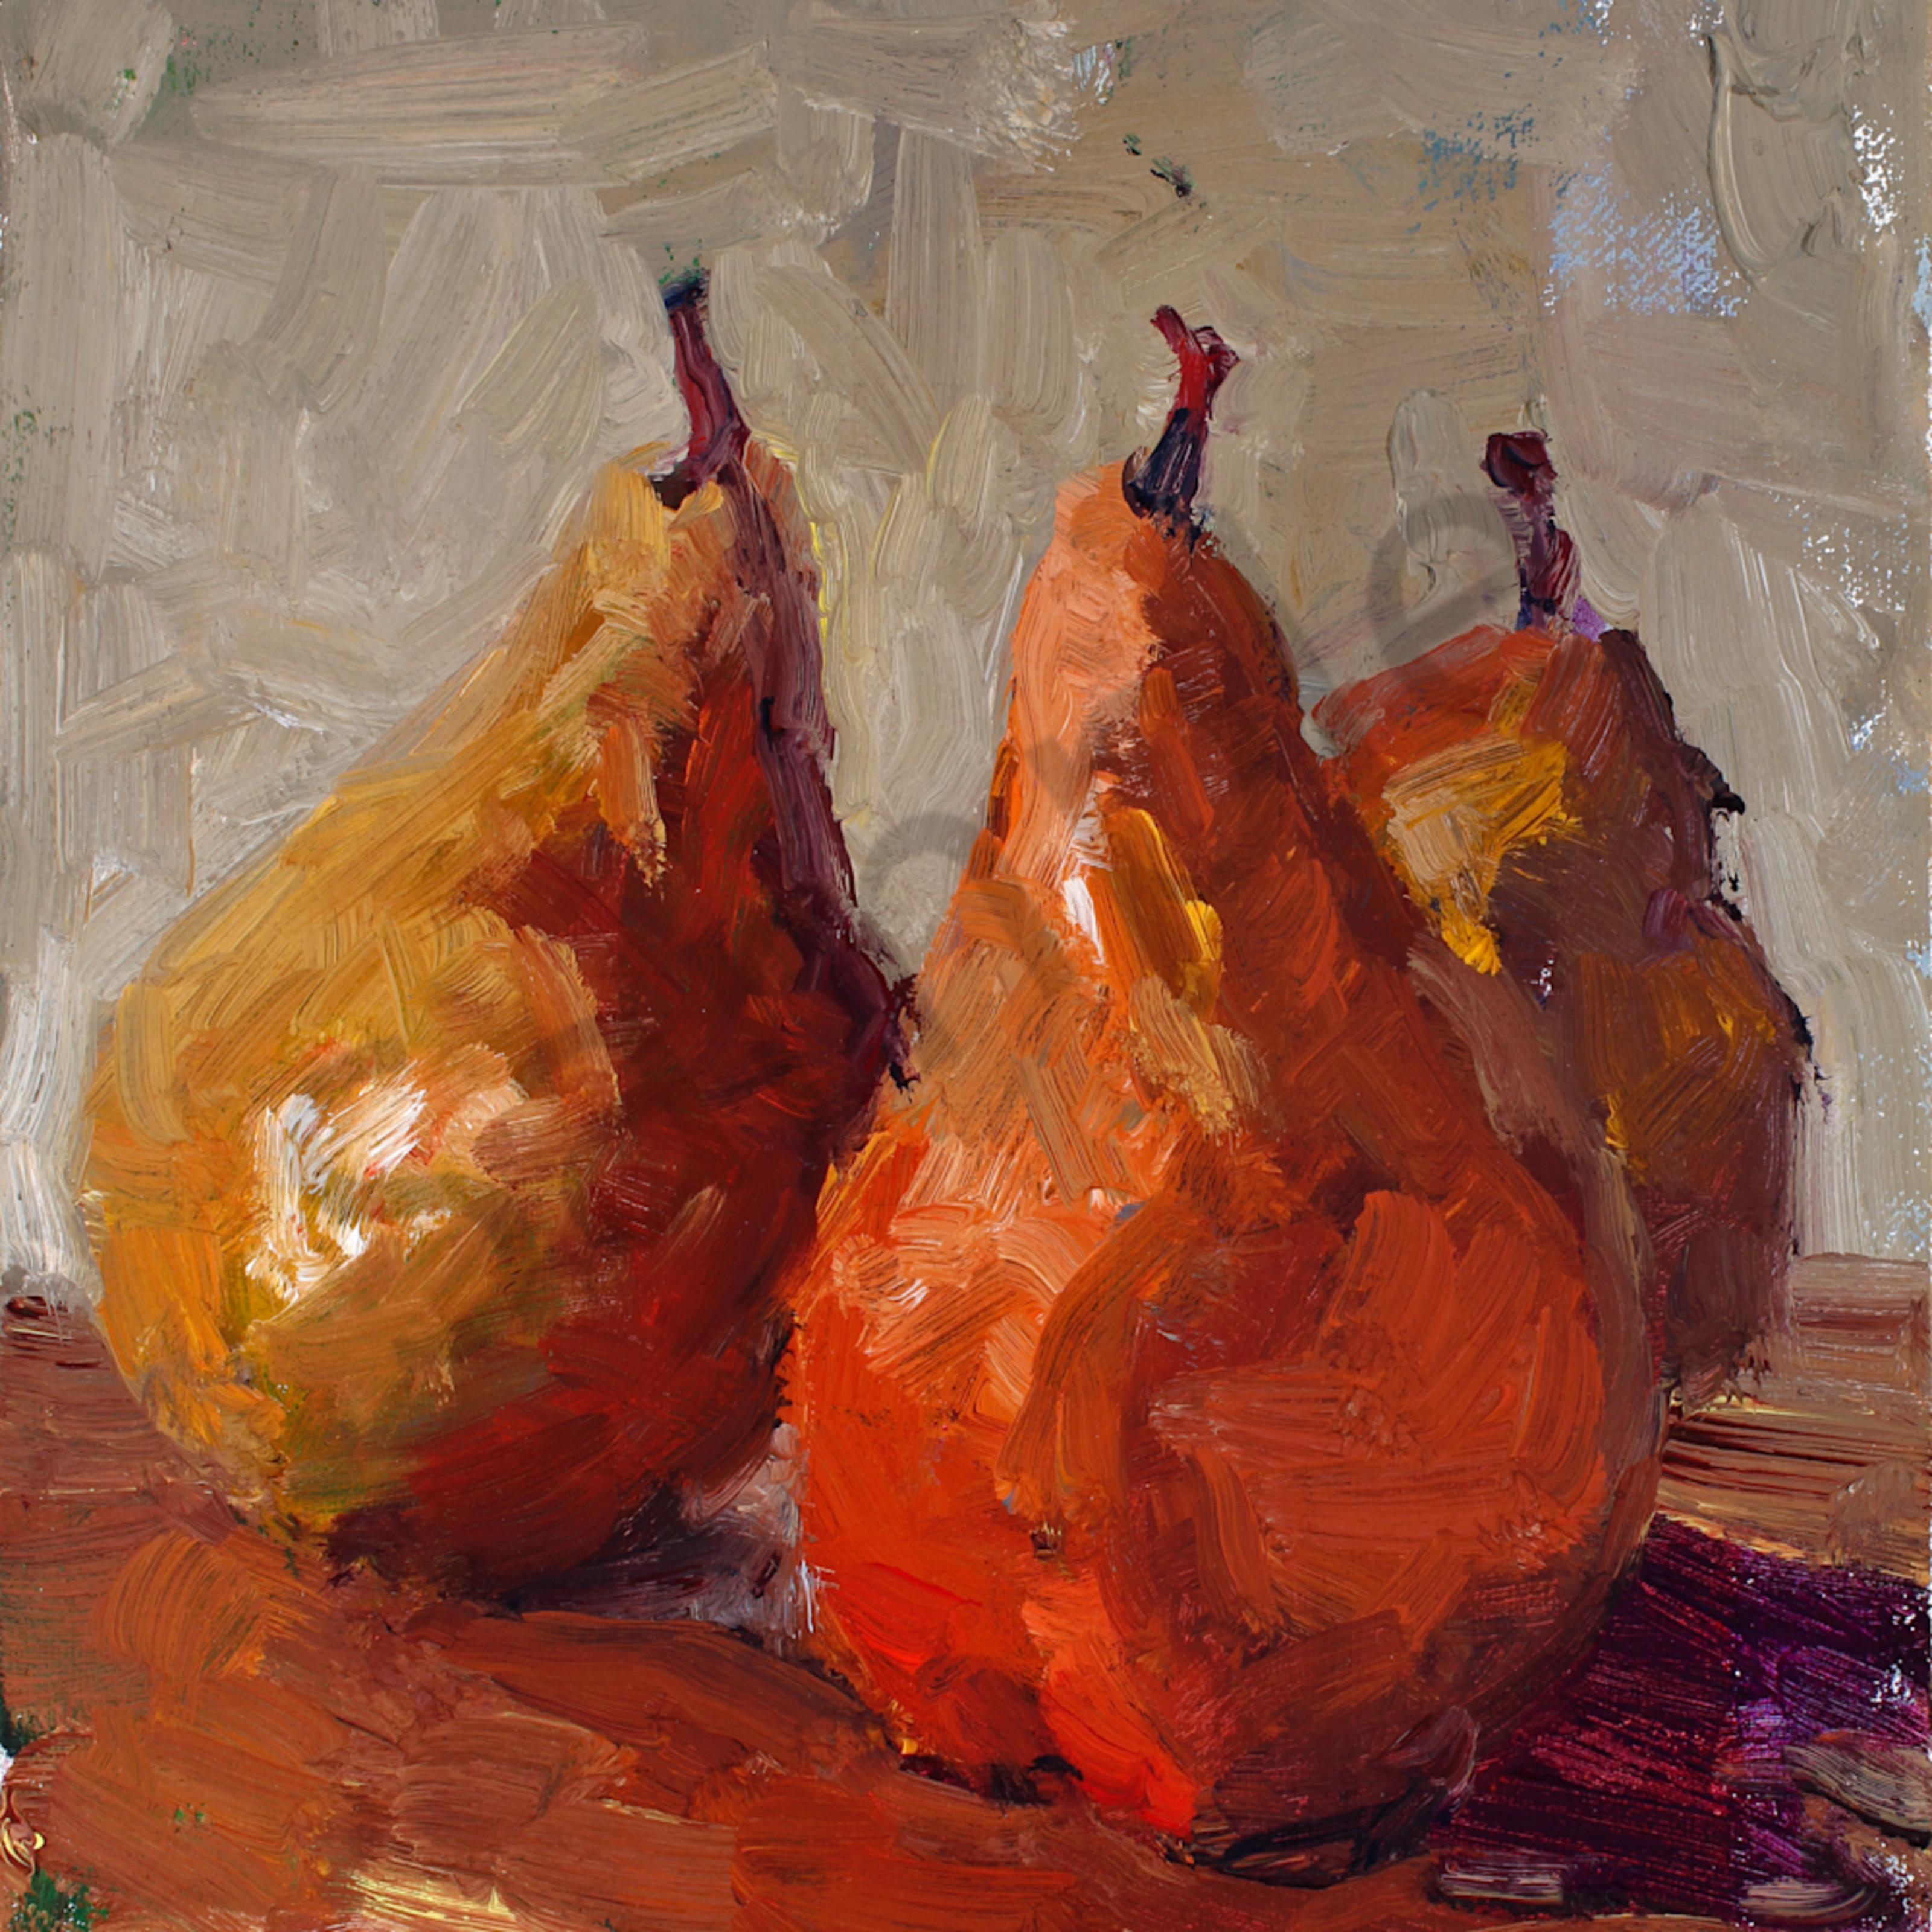 25 8x10 three pears jamlfe